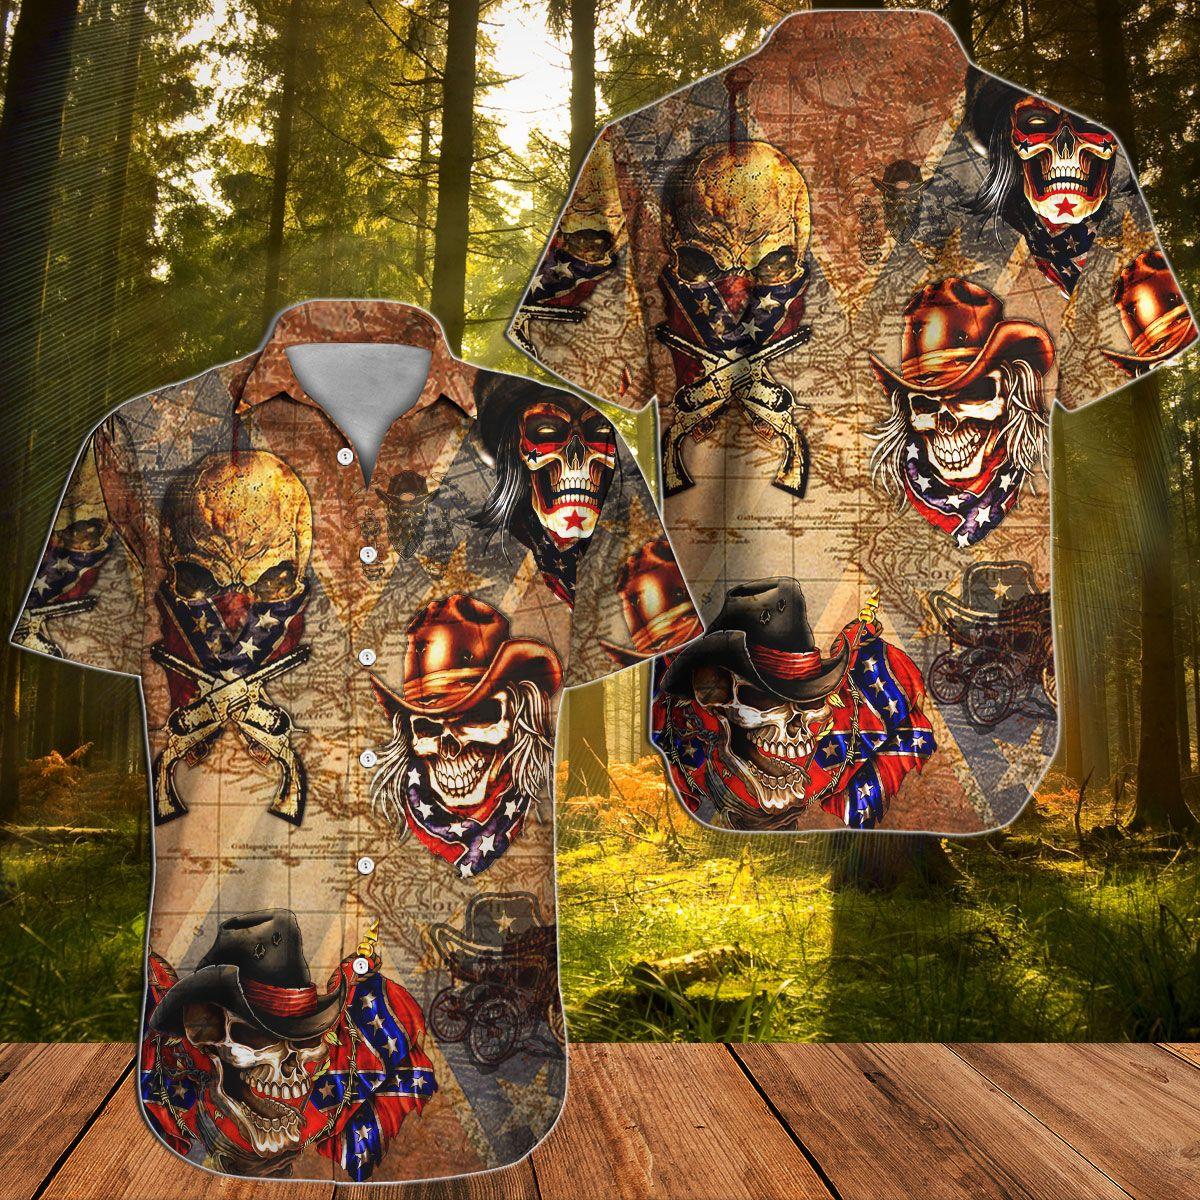 Southern Skull Cowboys Rebel Hawaiian shirt